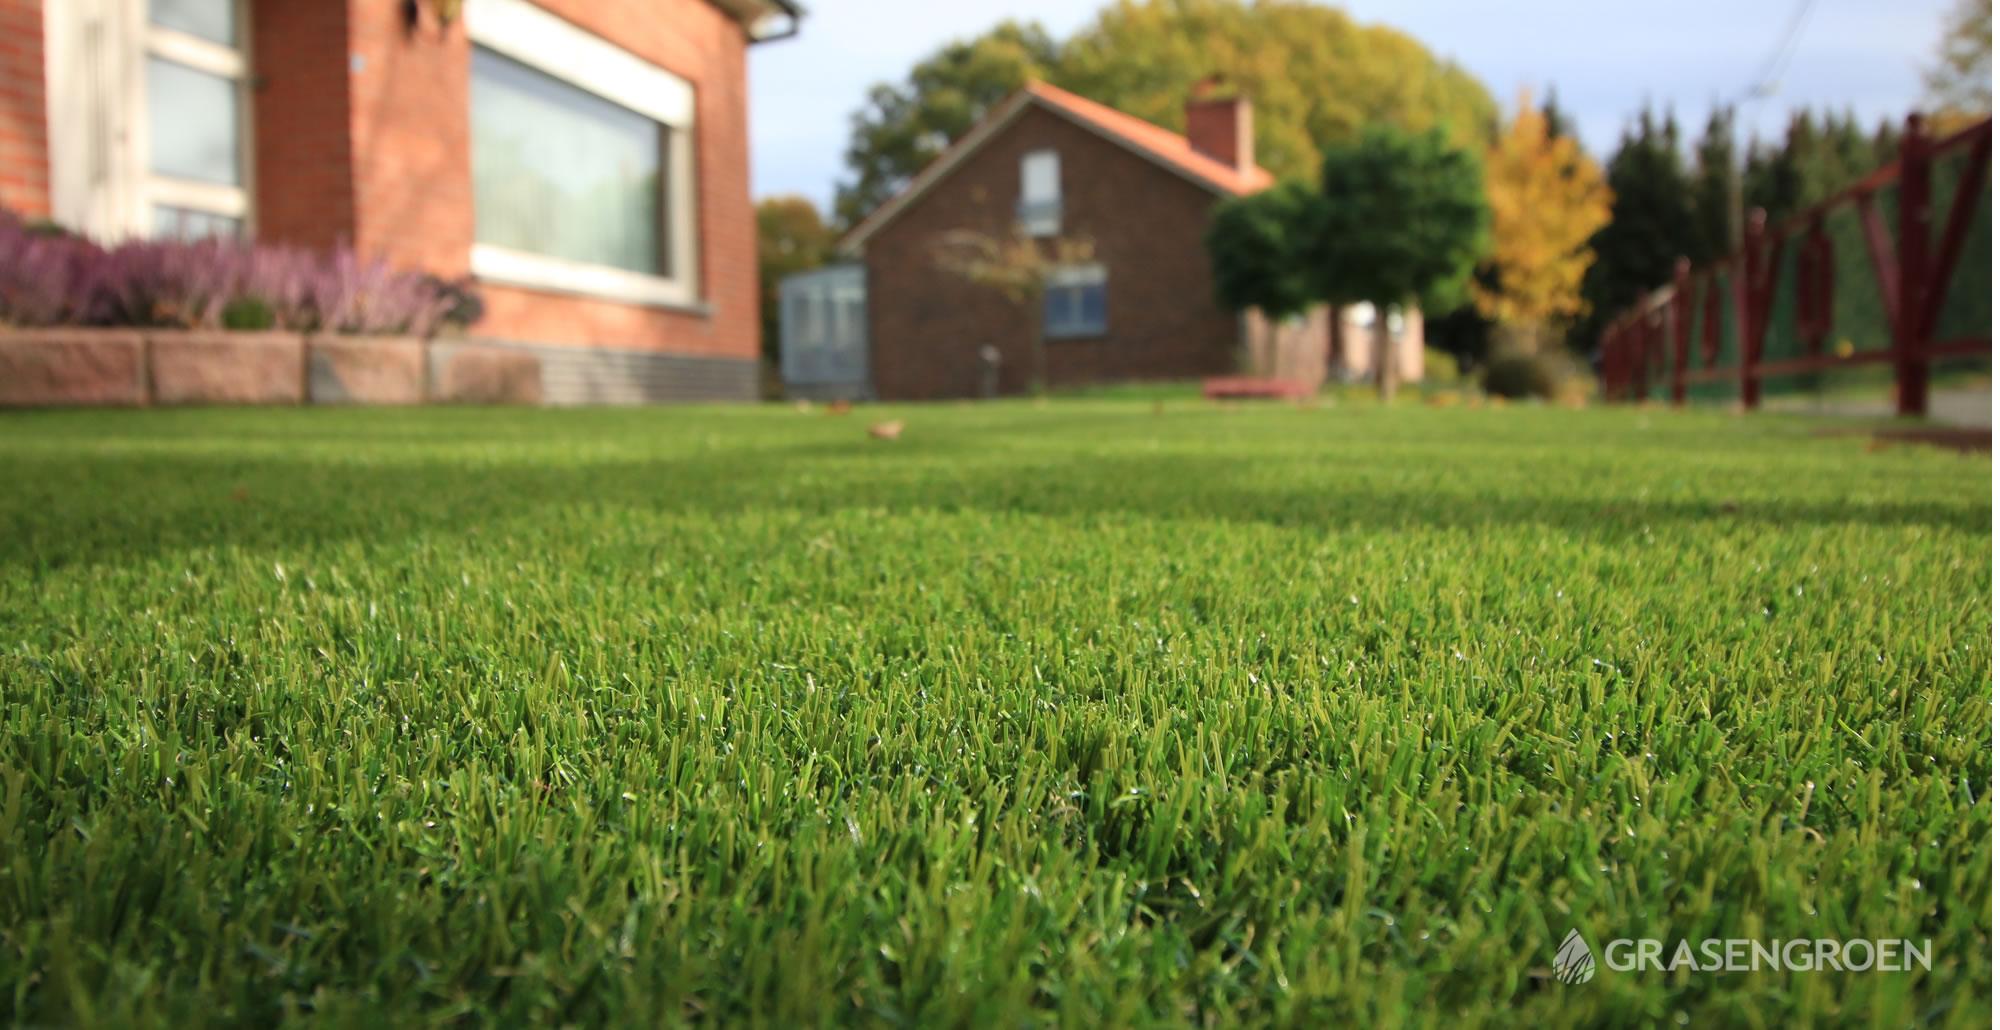 Kunstgrasleggensintjorisweert11 • Gras en Groen Kunstgras